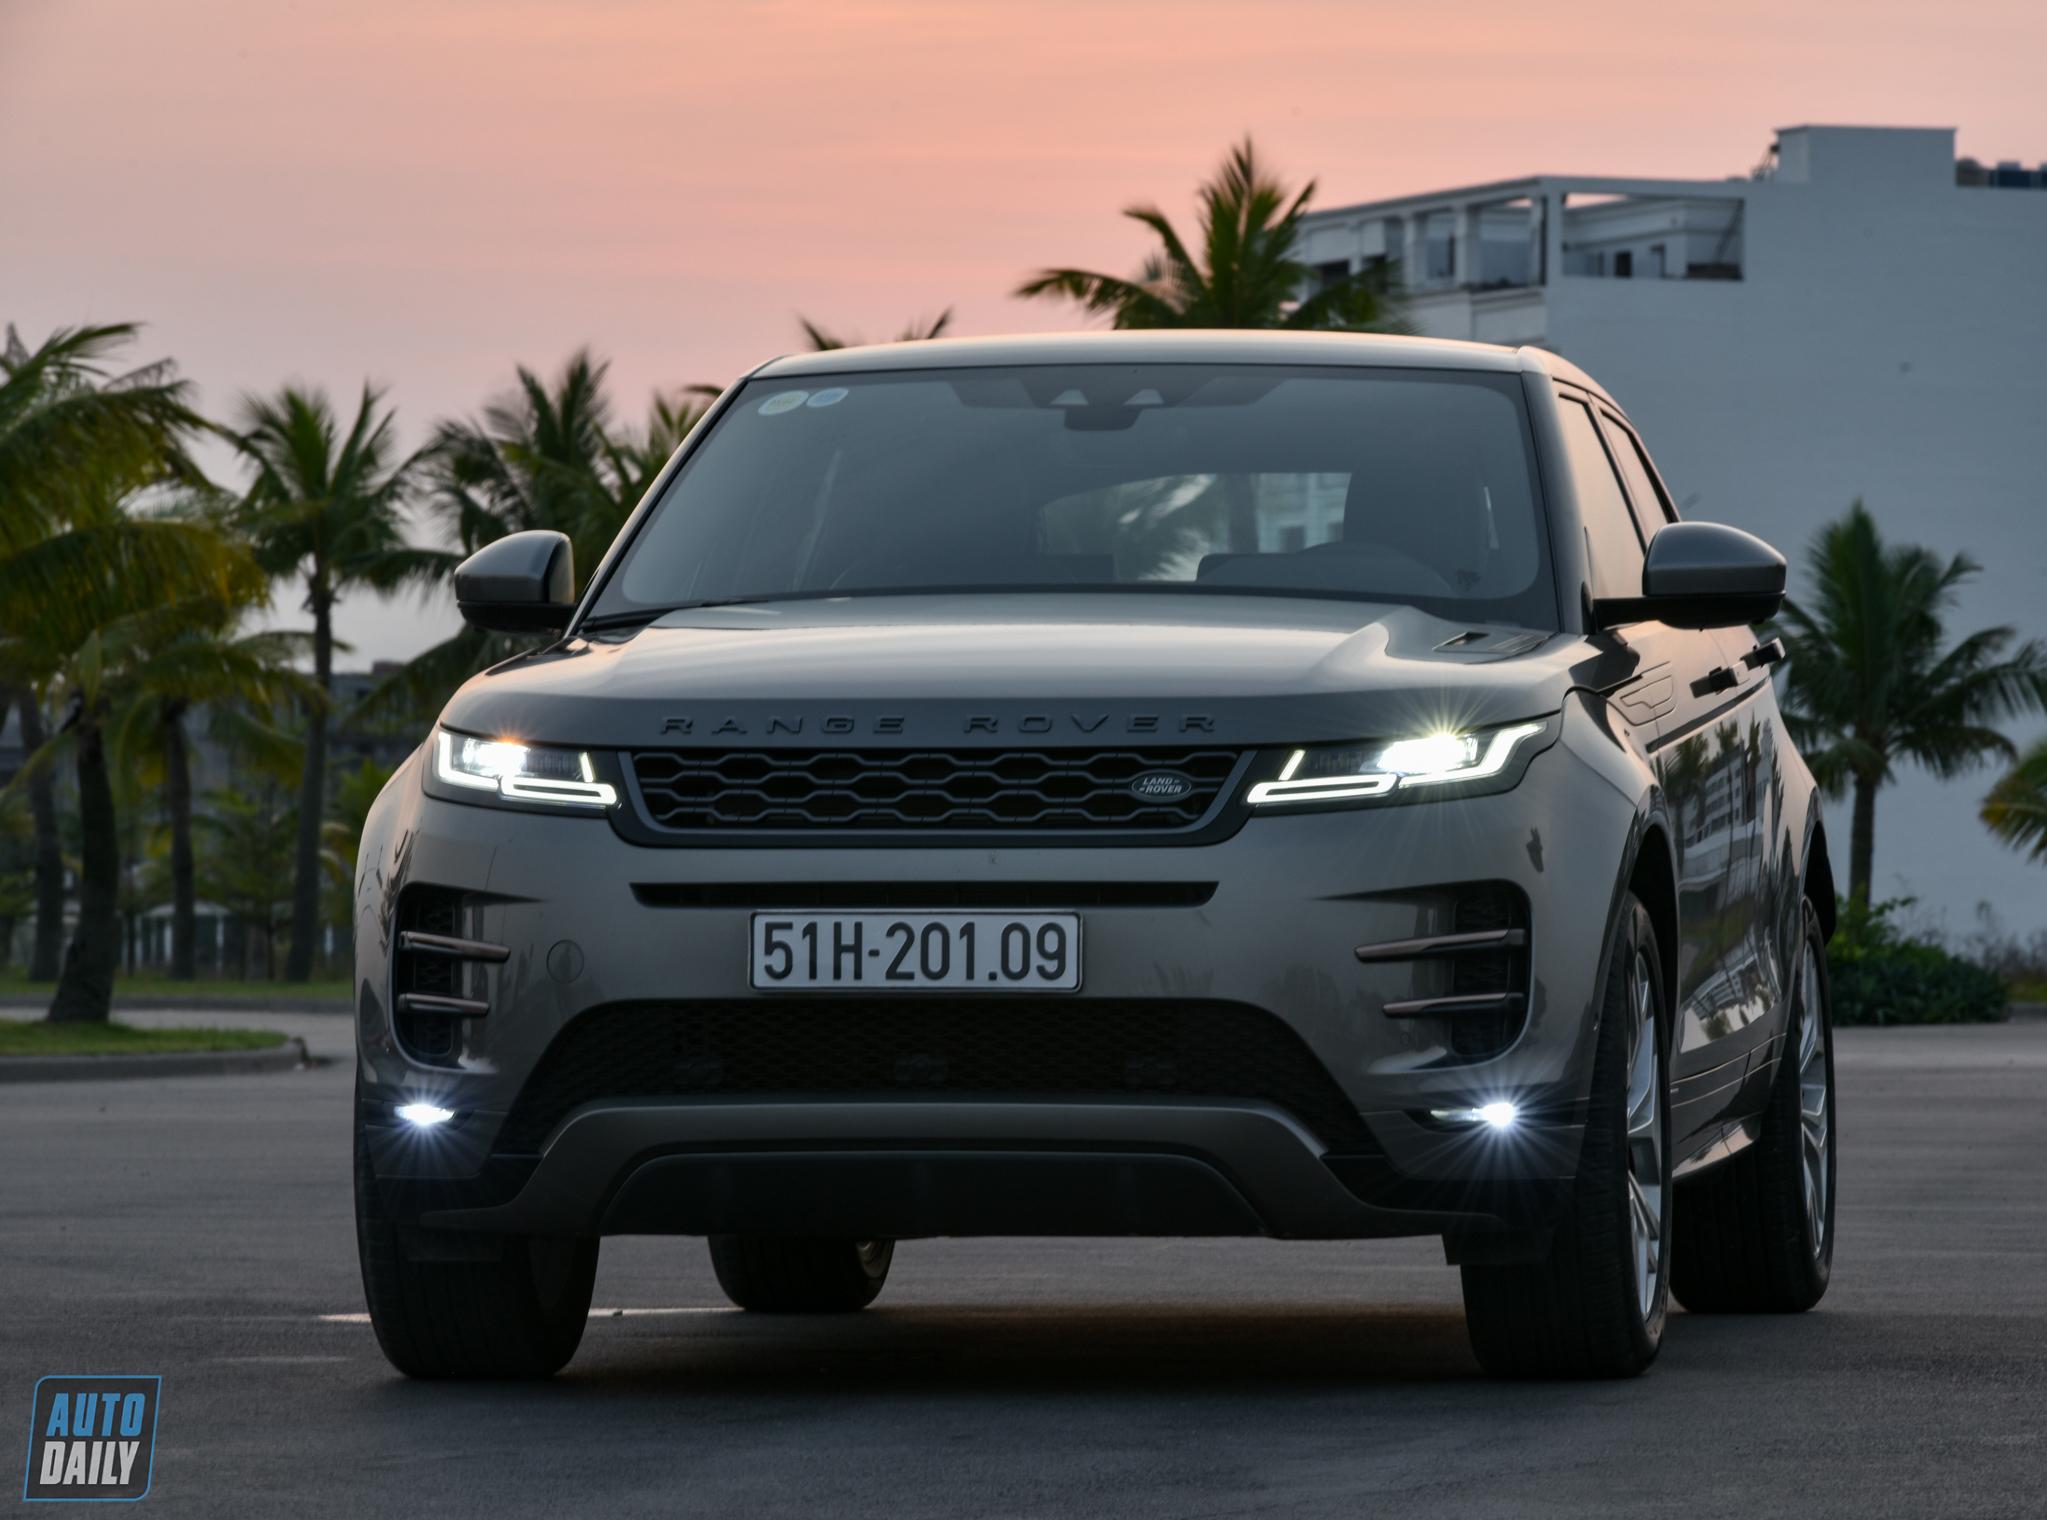 range-rover-evoque-2020-autodaily-31.jpg